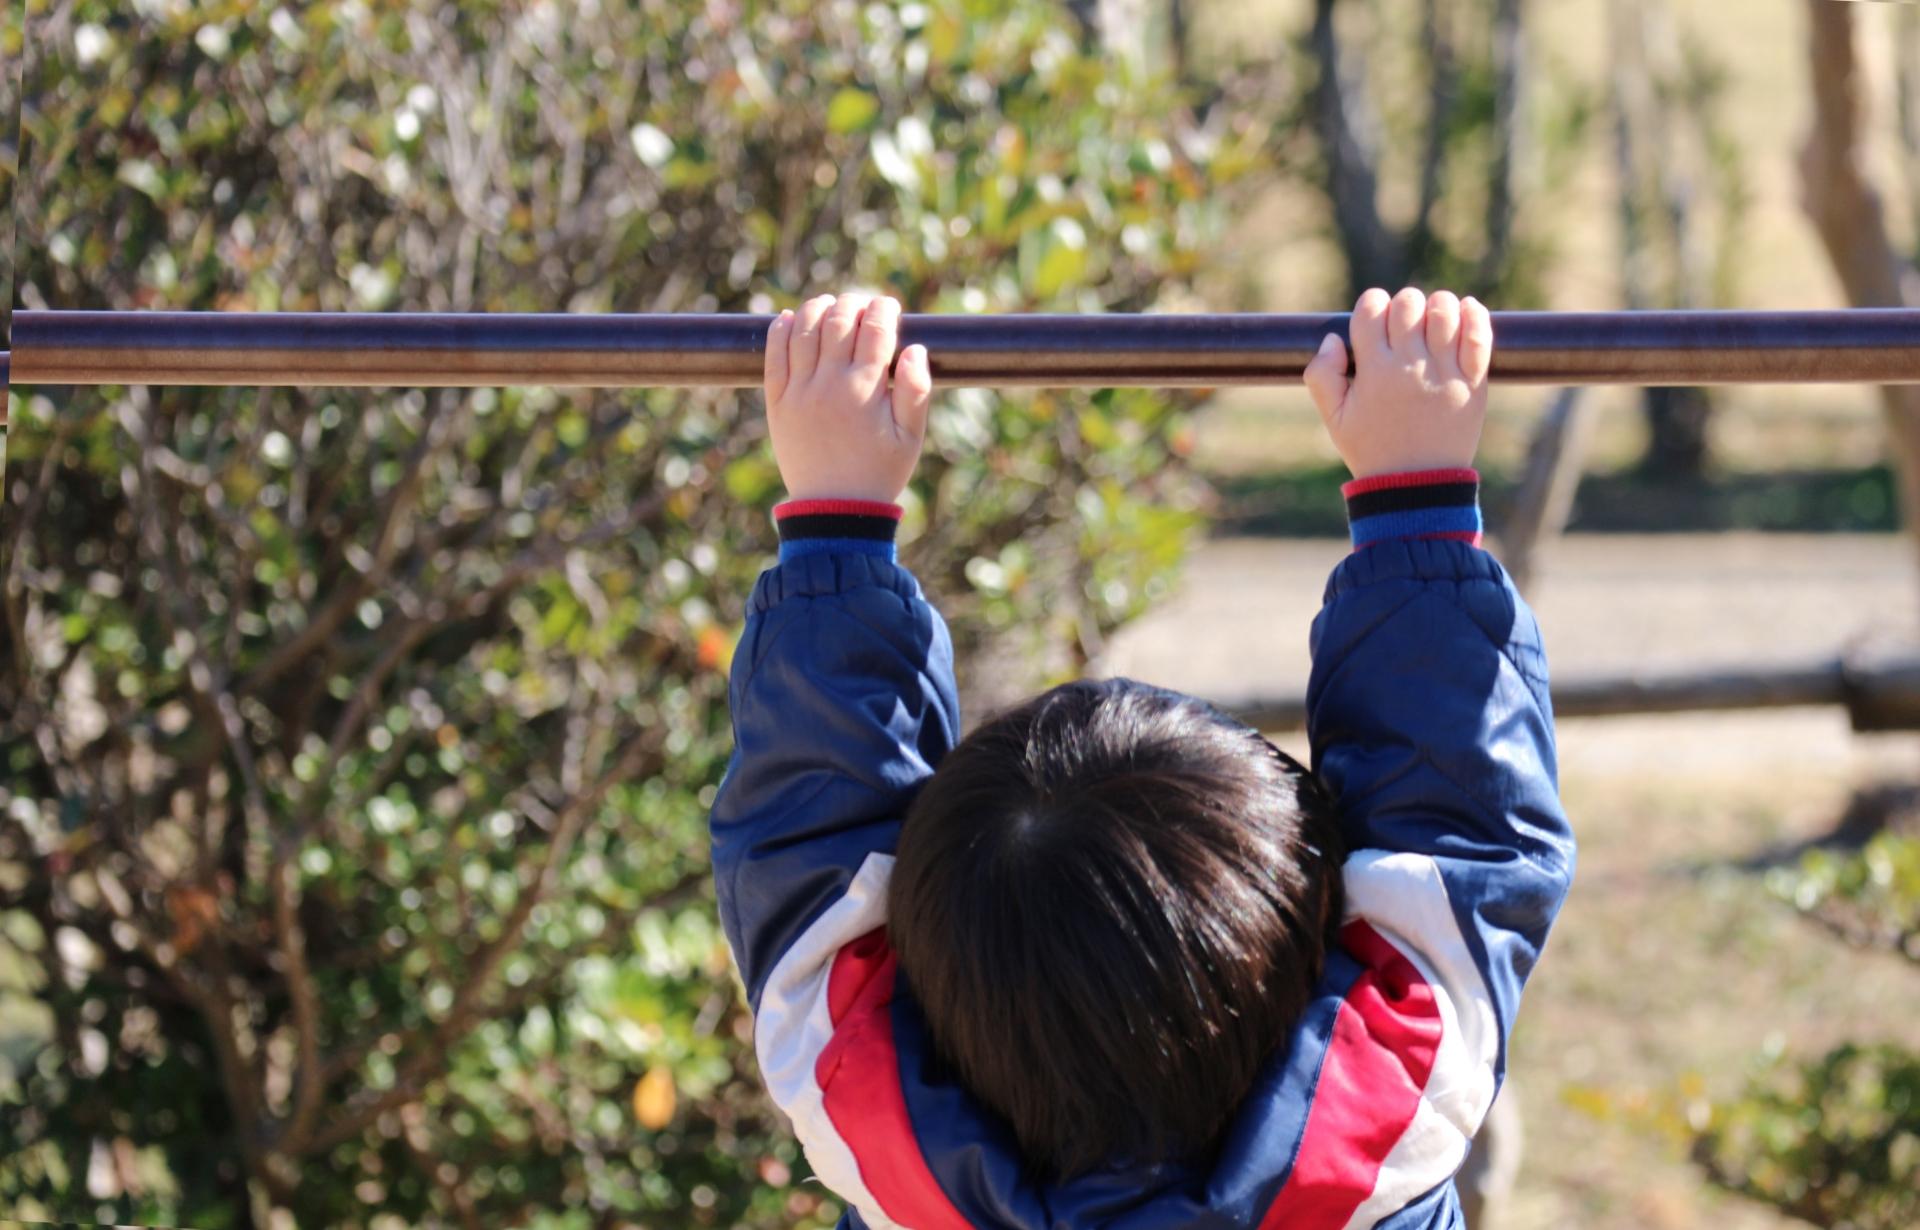 懸垂を行うと筋肉のどこに効果があるのか、詳しく説明します